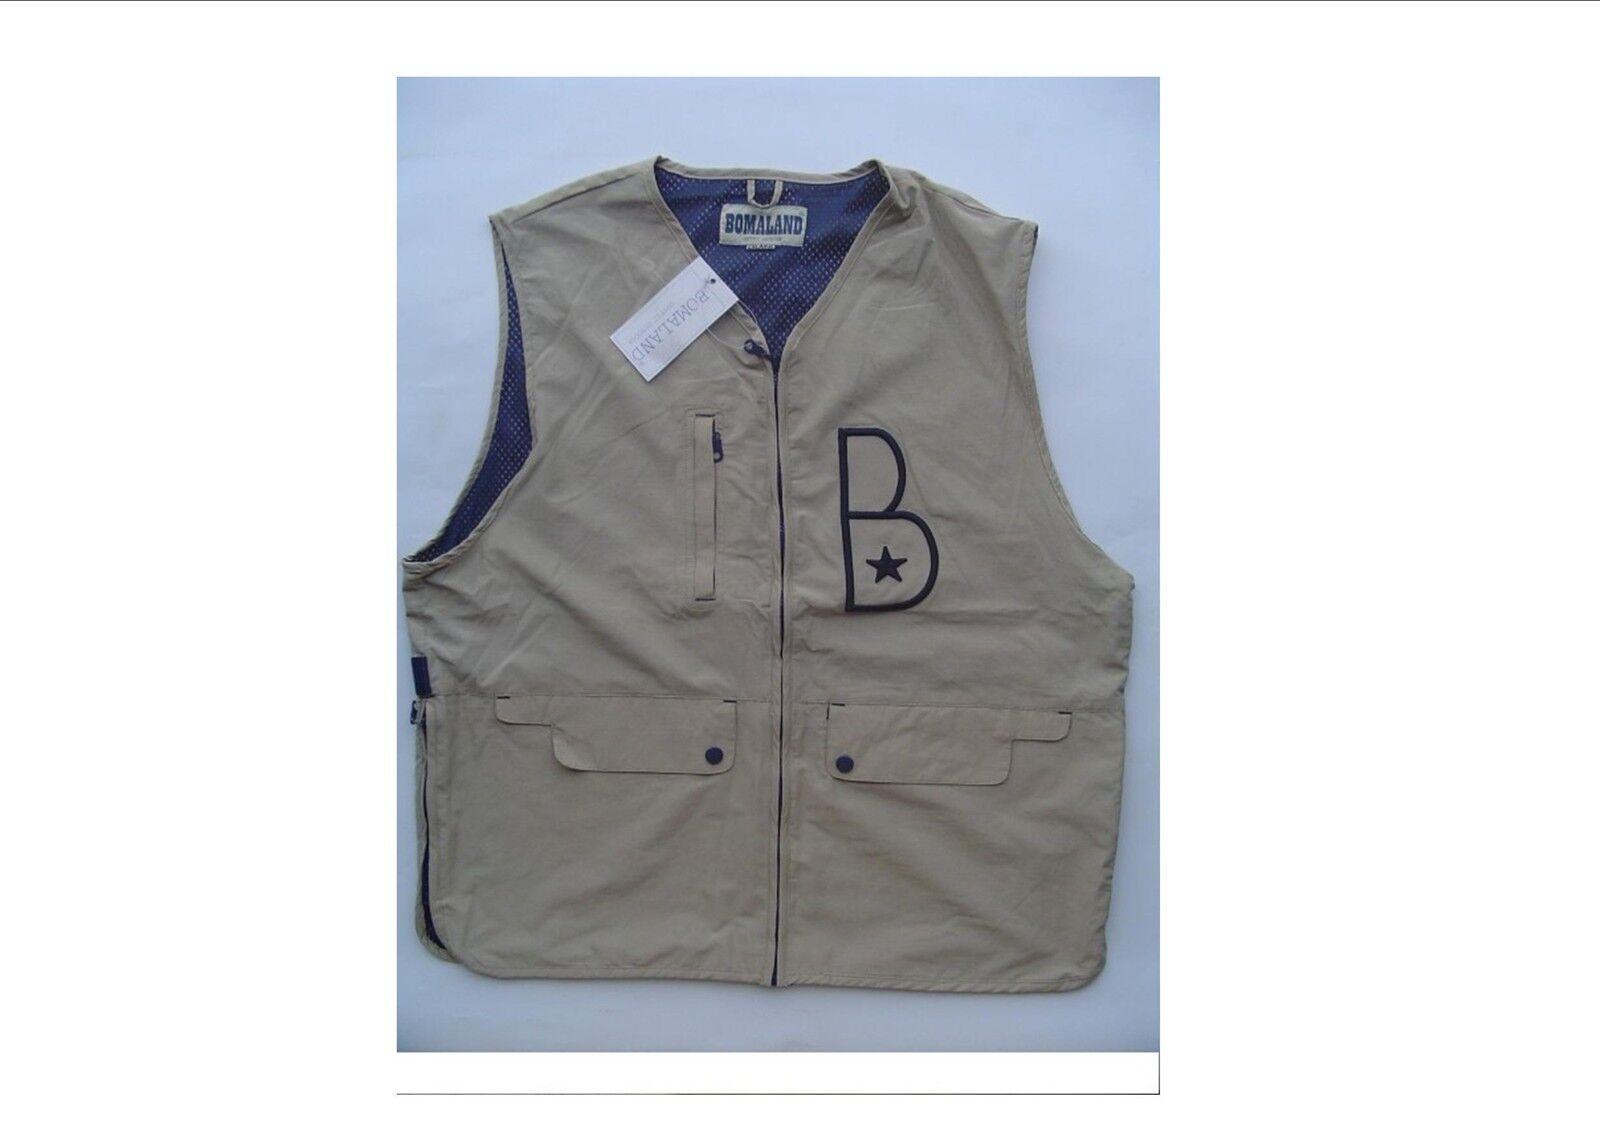 8d309b898 Gilets , Hommes: vêtements , Vêtements, accessoires